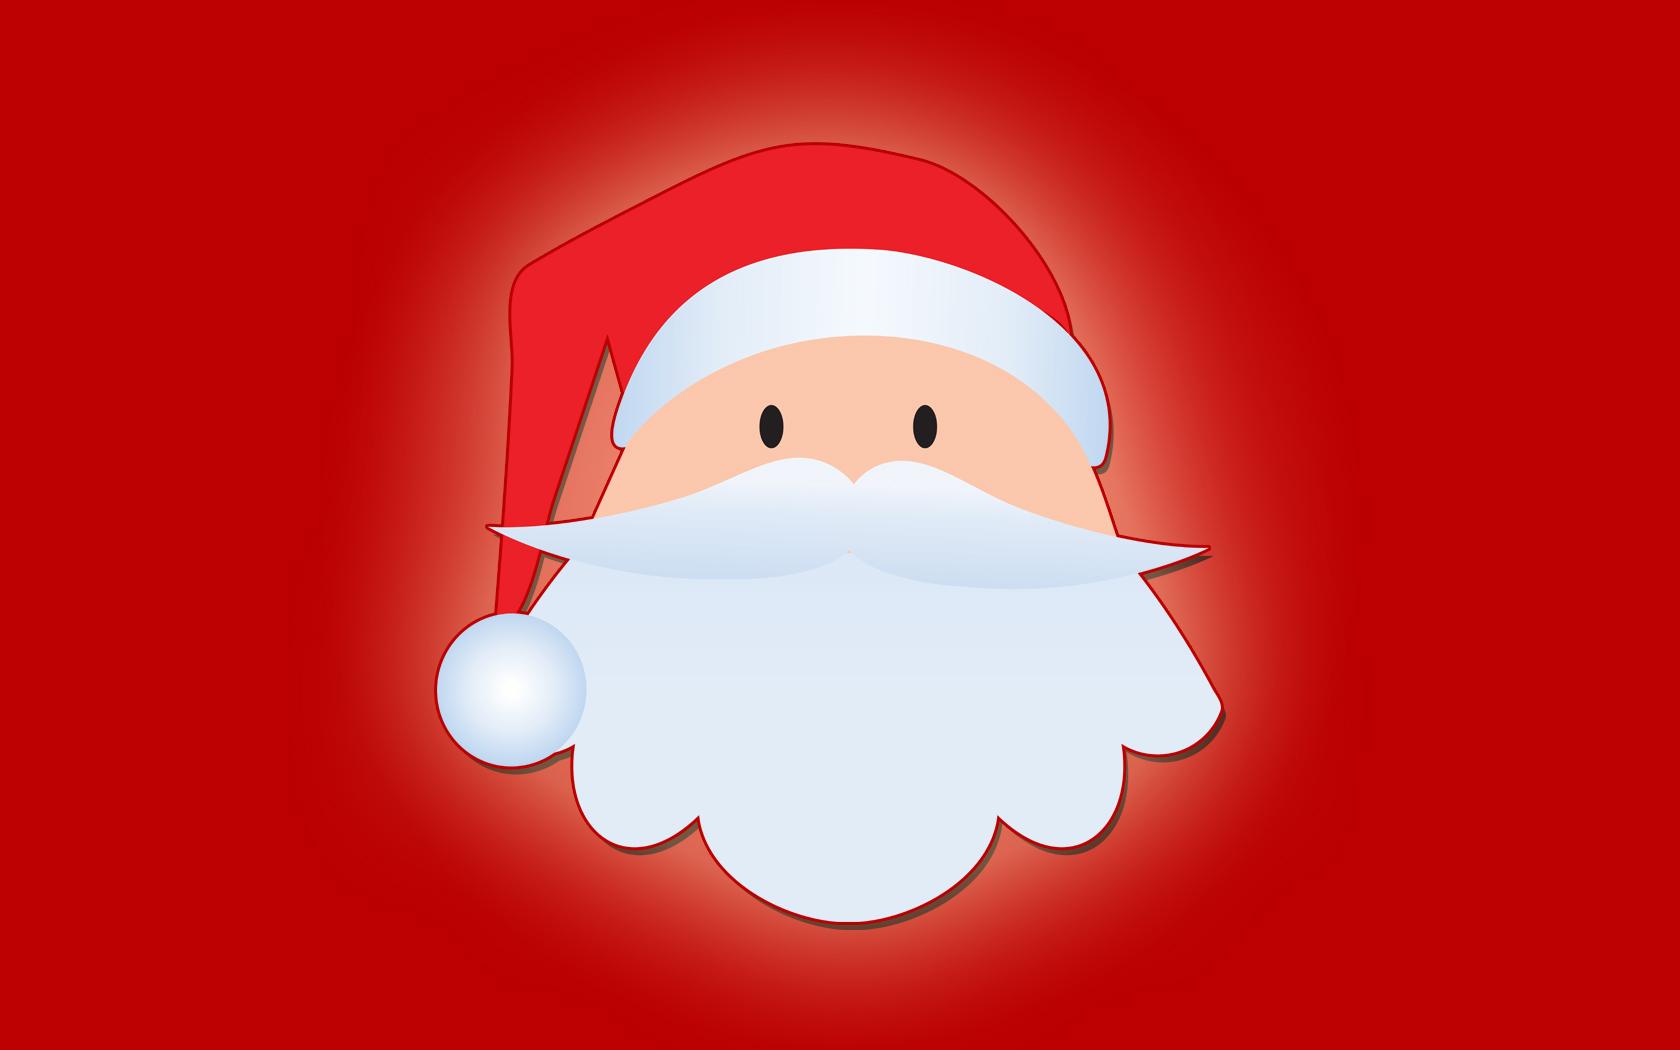 Santa Holiday wallpaper